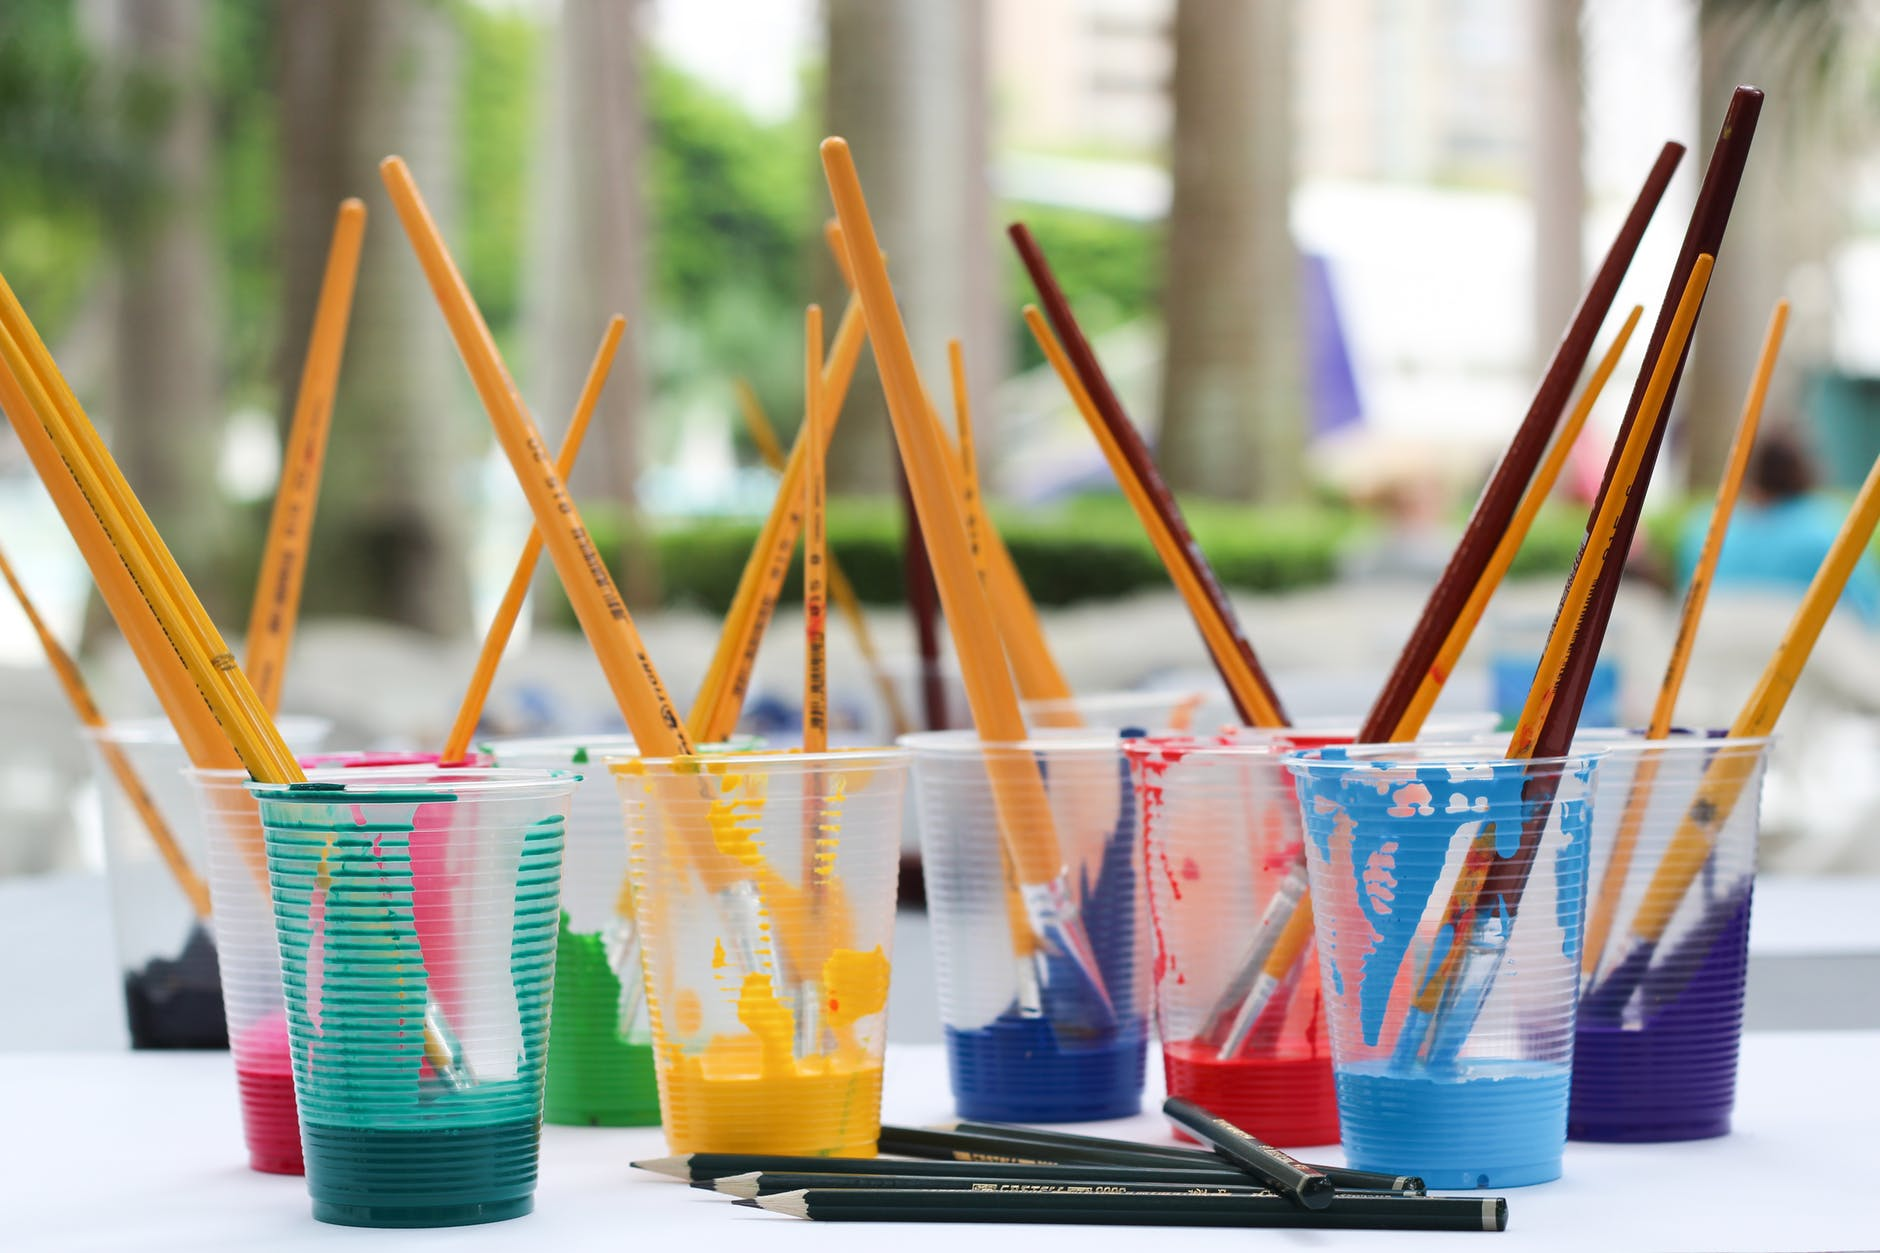 art art materials artistic arts and crafts